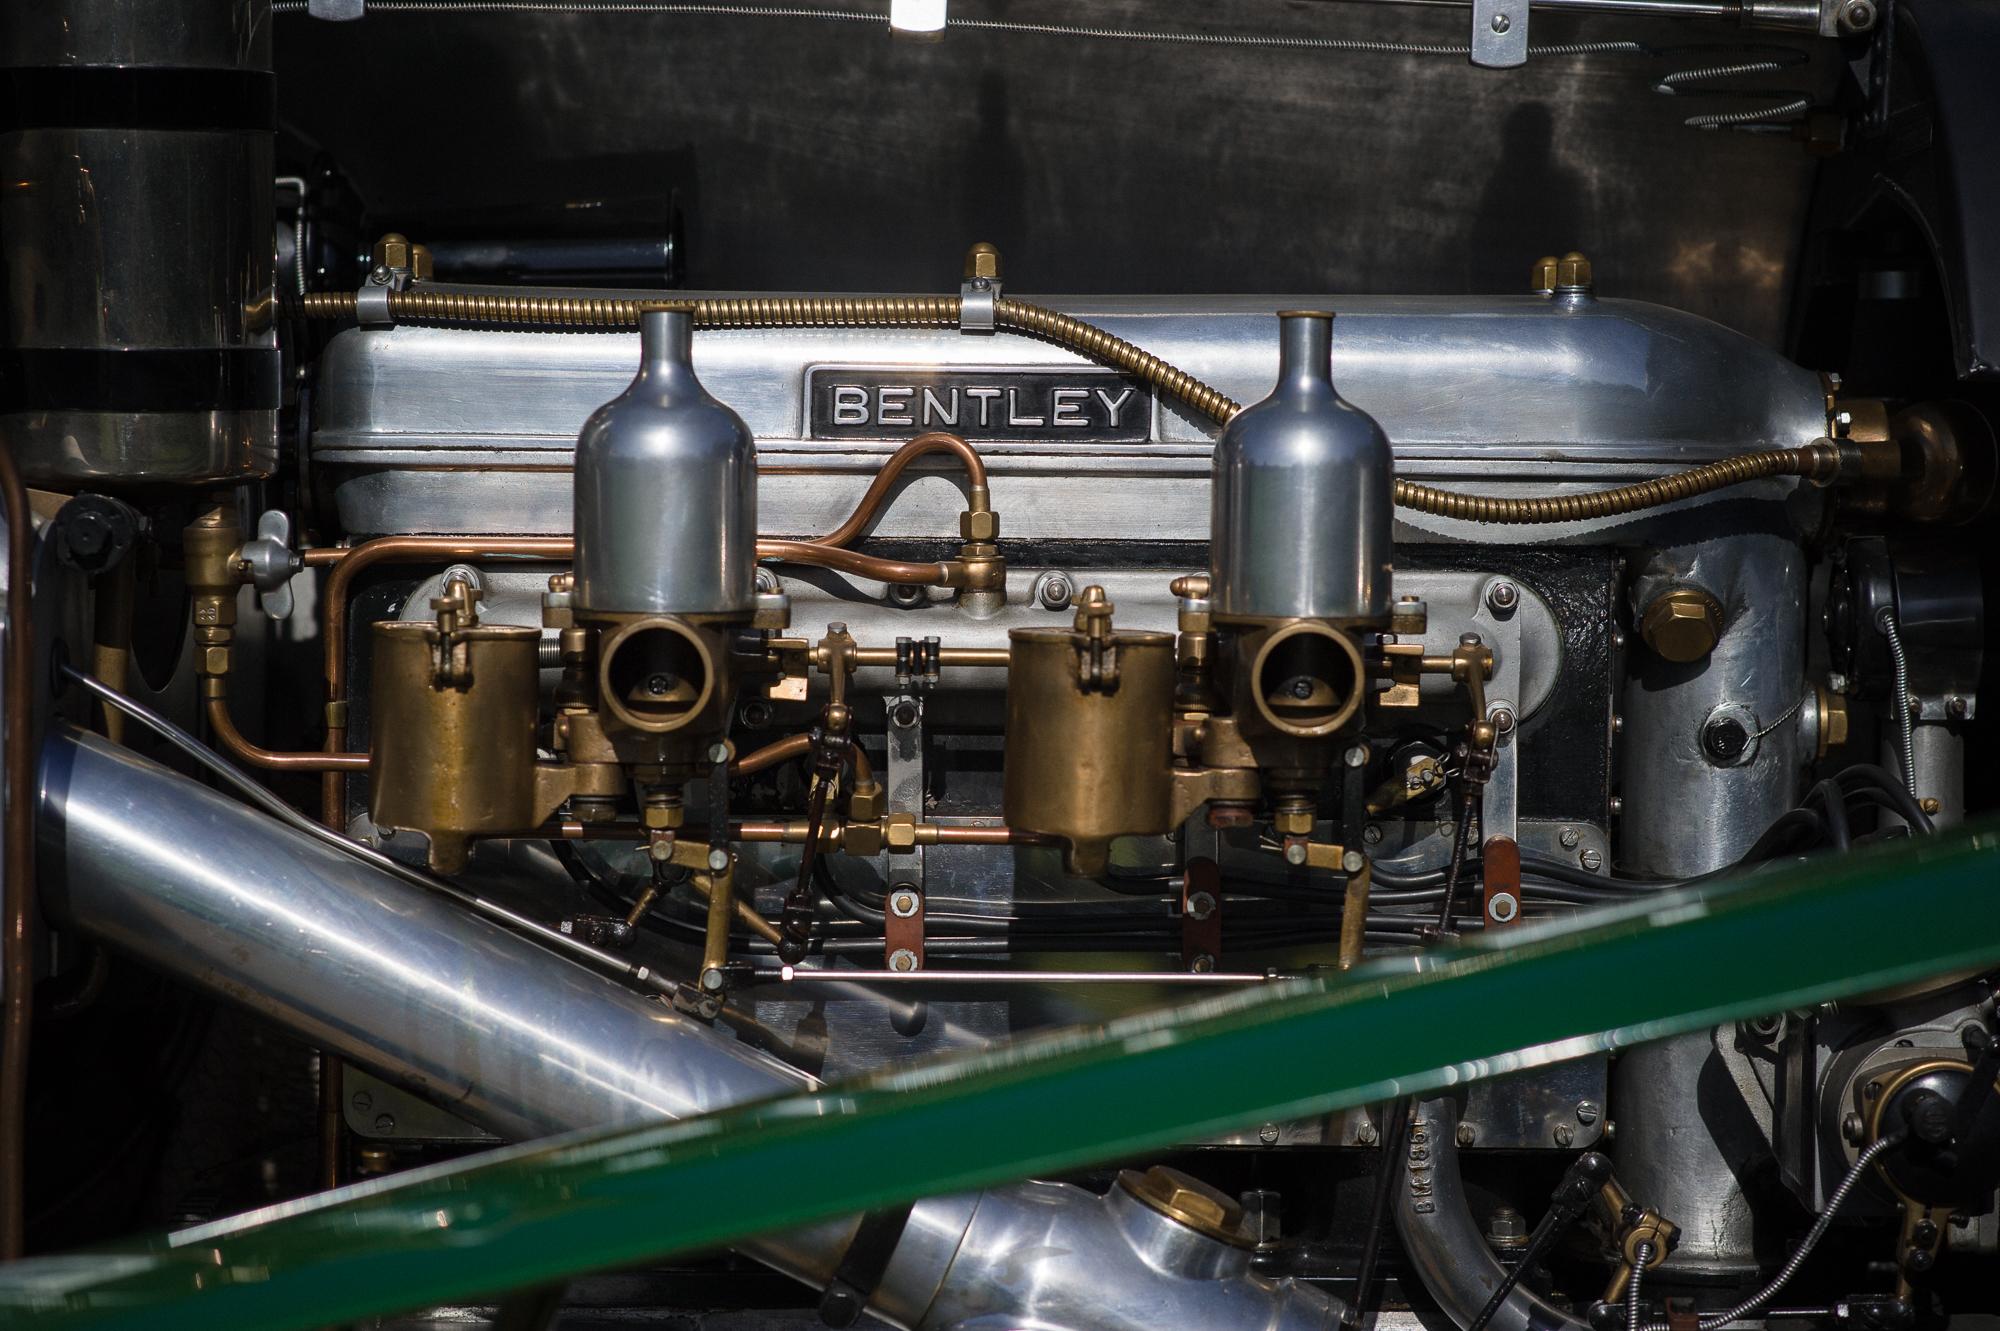 Bentley_3-4.5_LeMans_045.jpg